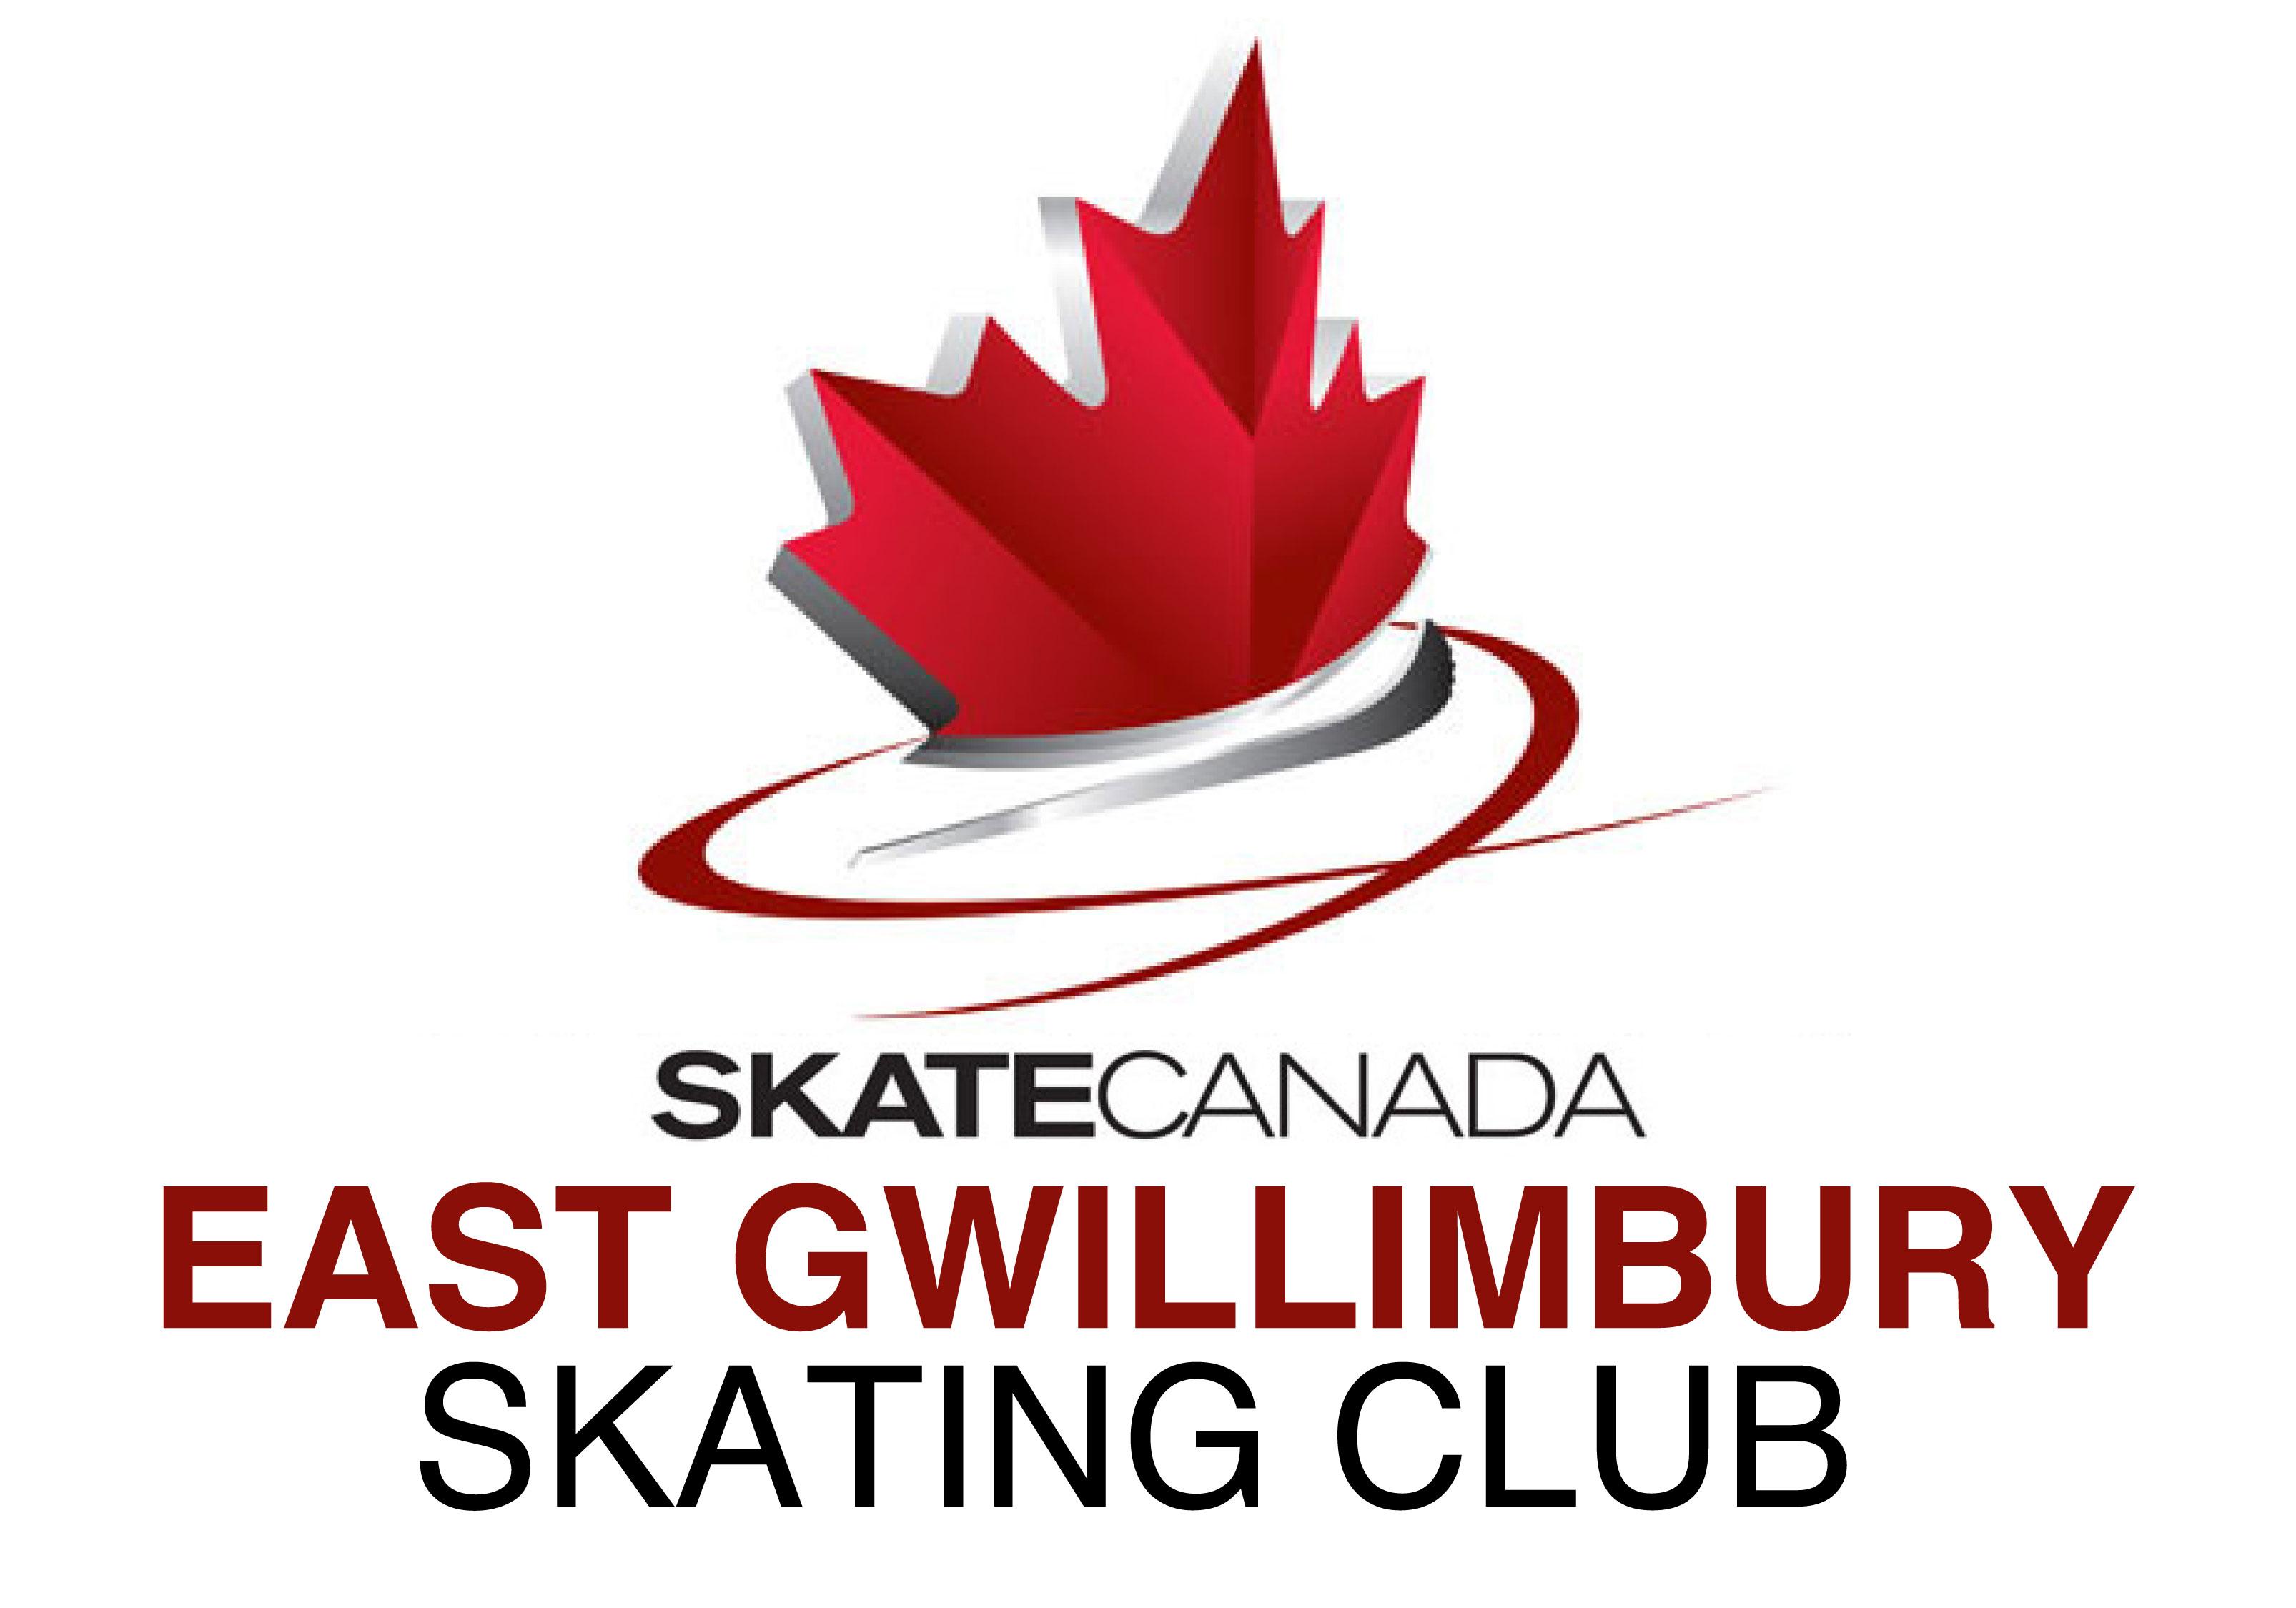 East Gwillimbury Skating Club